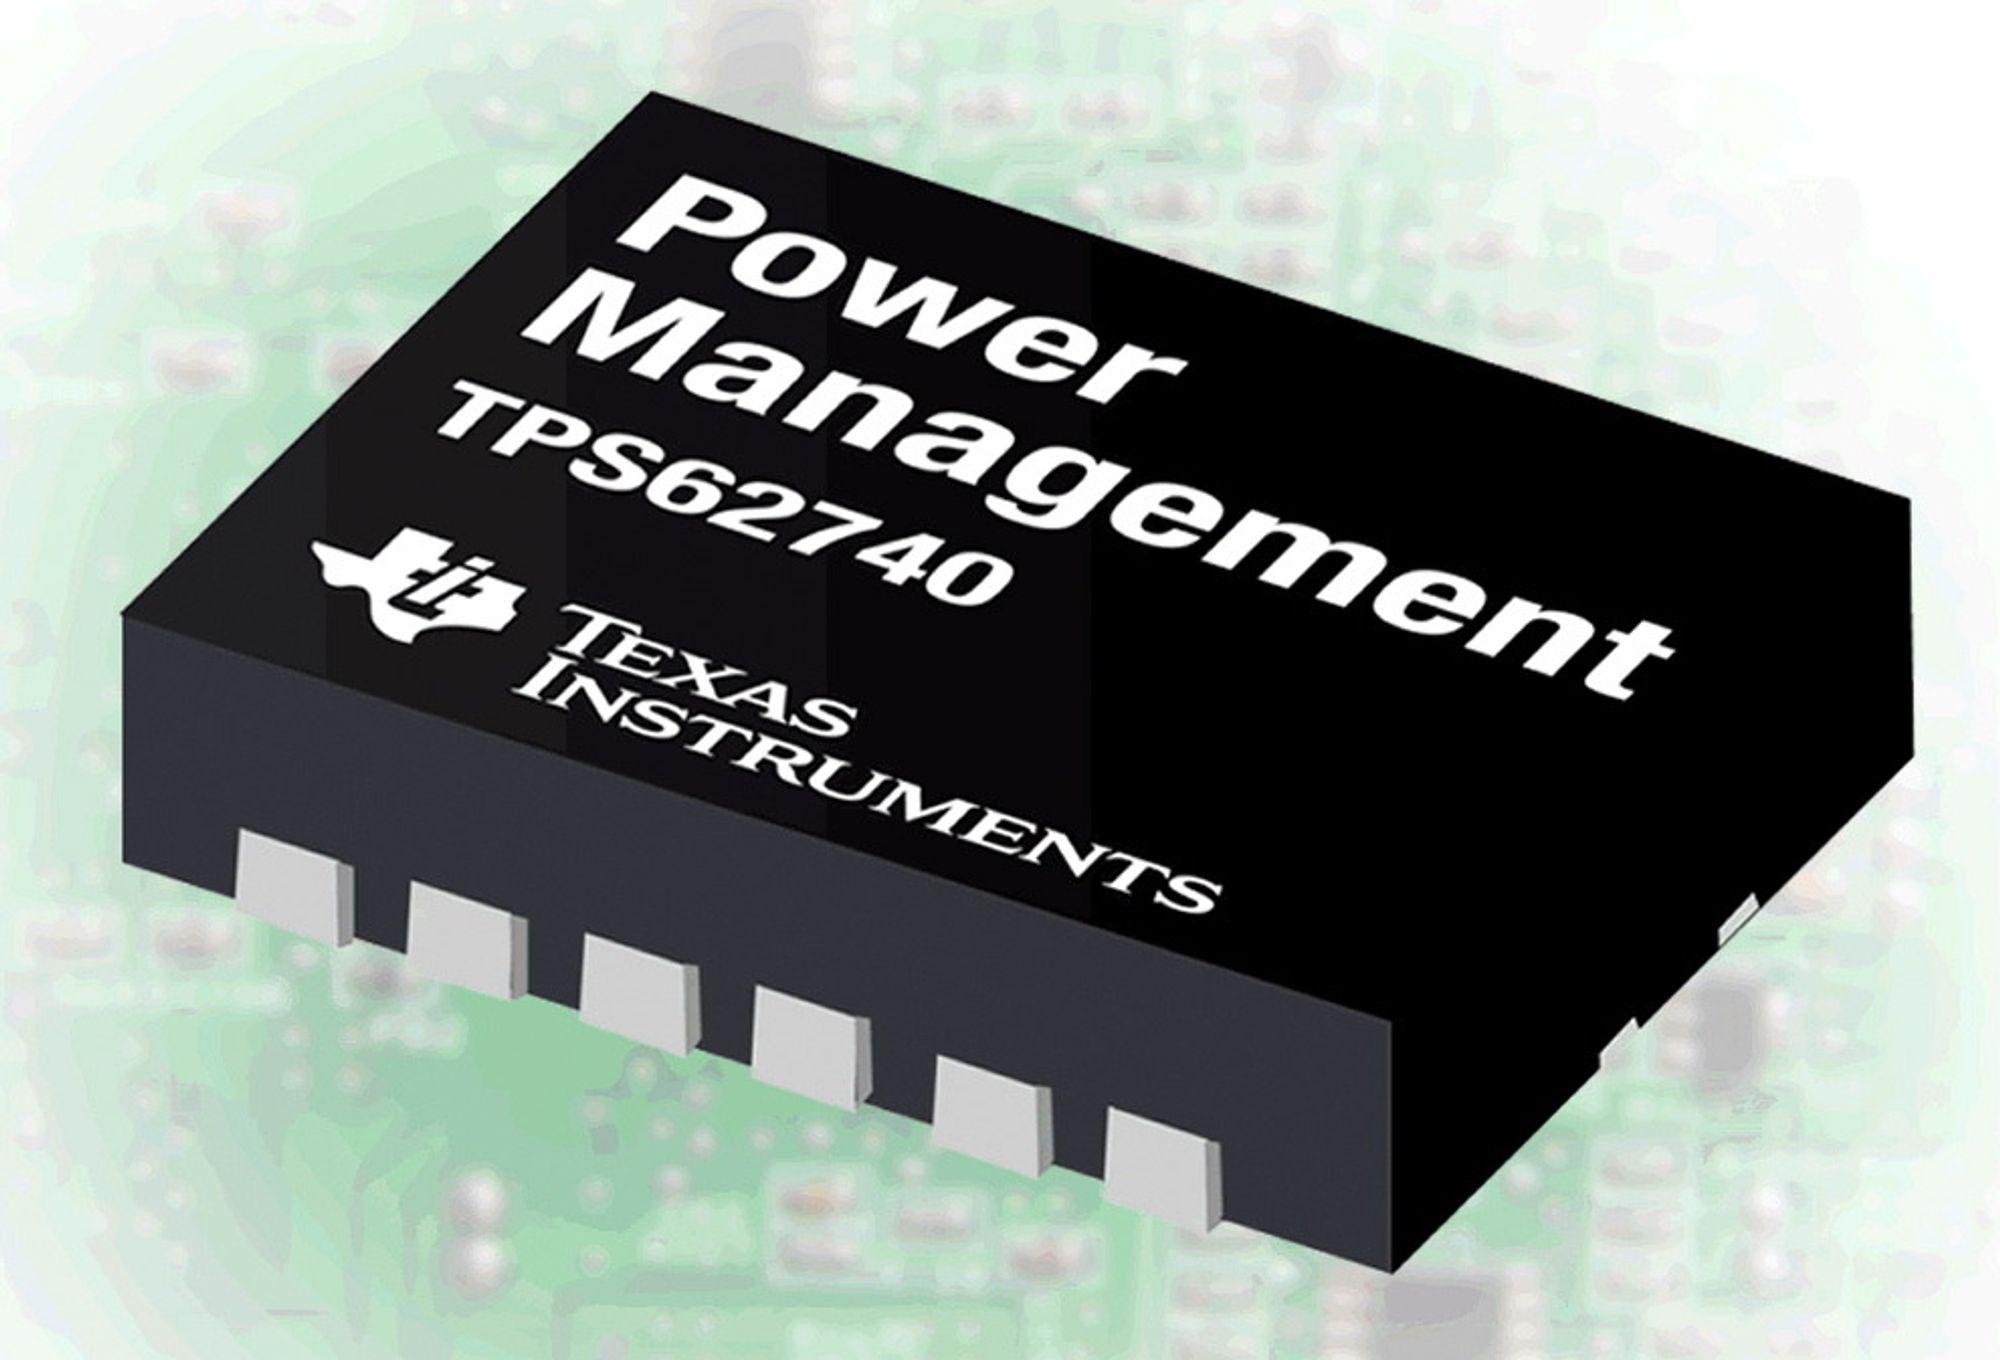 Smått: Den nye generasjonen av energihøstebrikker til Texas Instruments er ikke store greiene. De minste er bare noen millimeter lange og koster fra under en dollar.